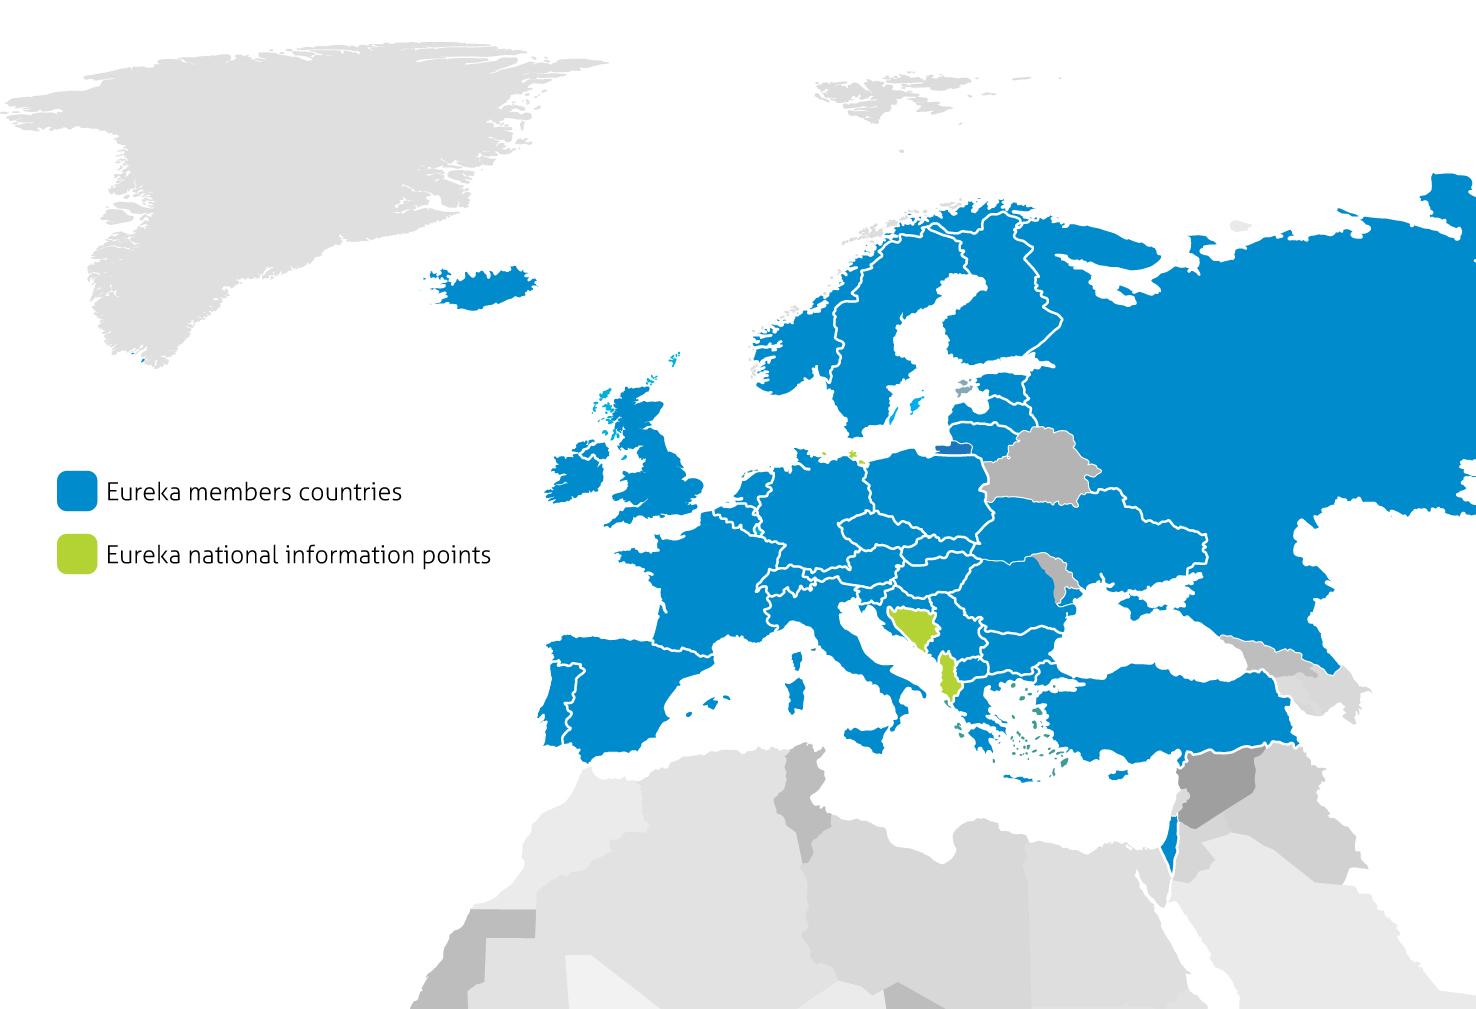 Mappa Eureka